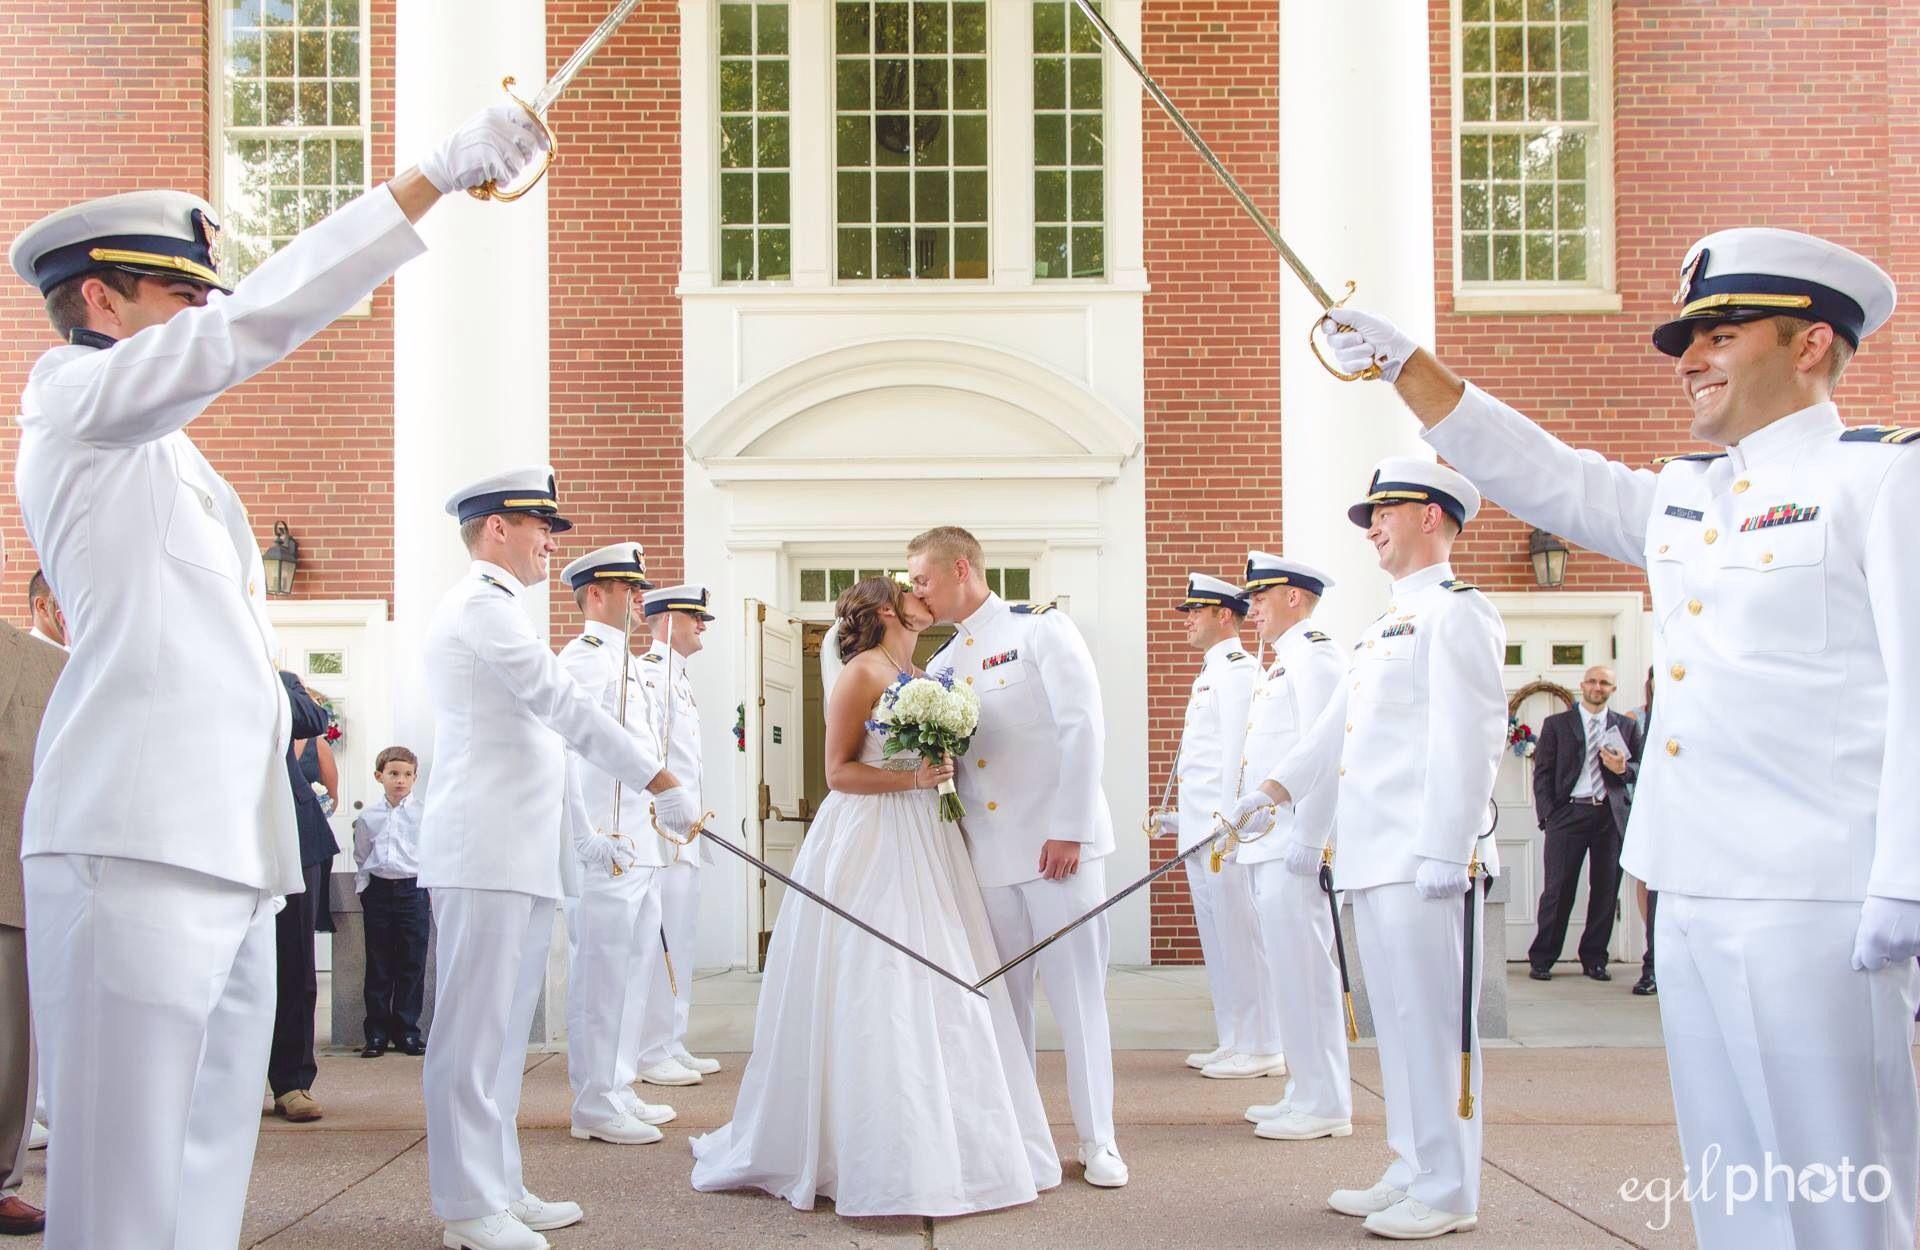 coast guard wedding sword arch in glastonbury ct wedding